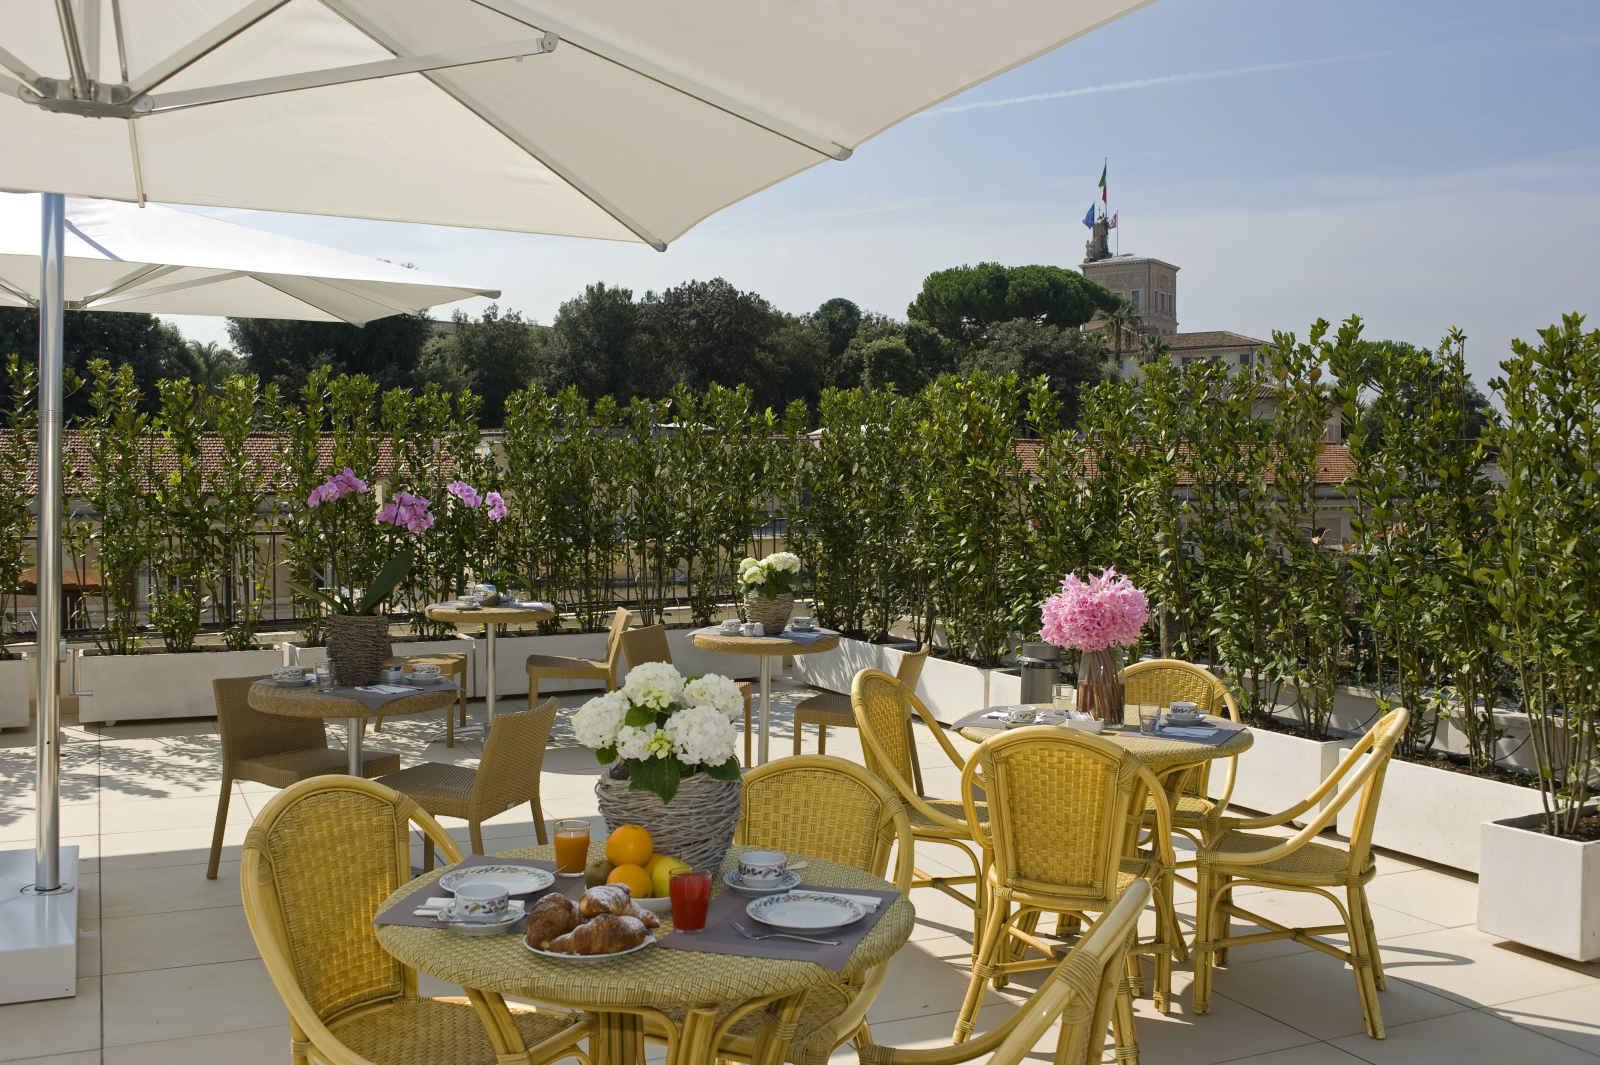 Séjour Italie - Hotel de Petris - 3*